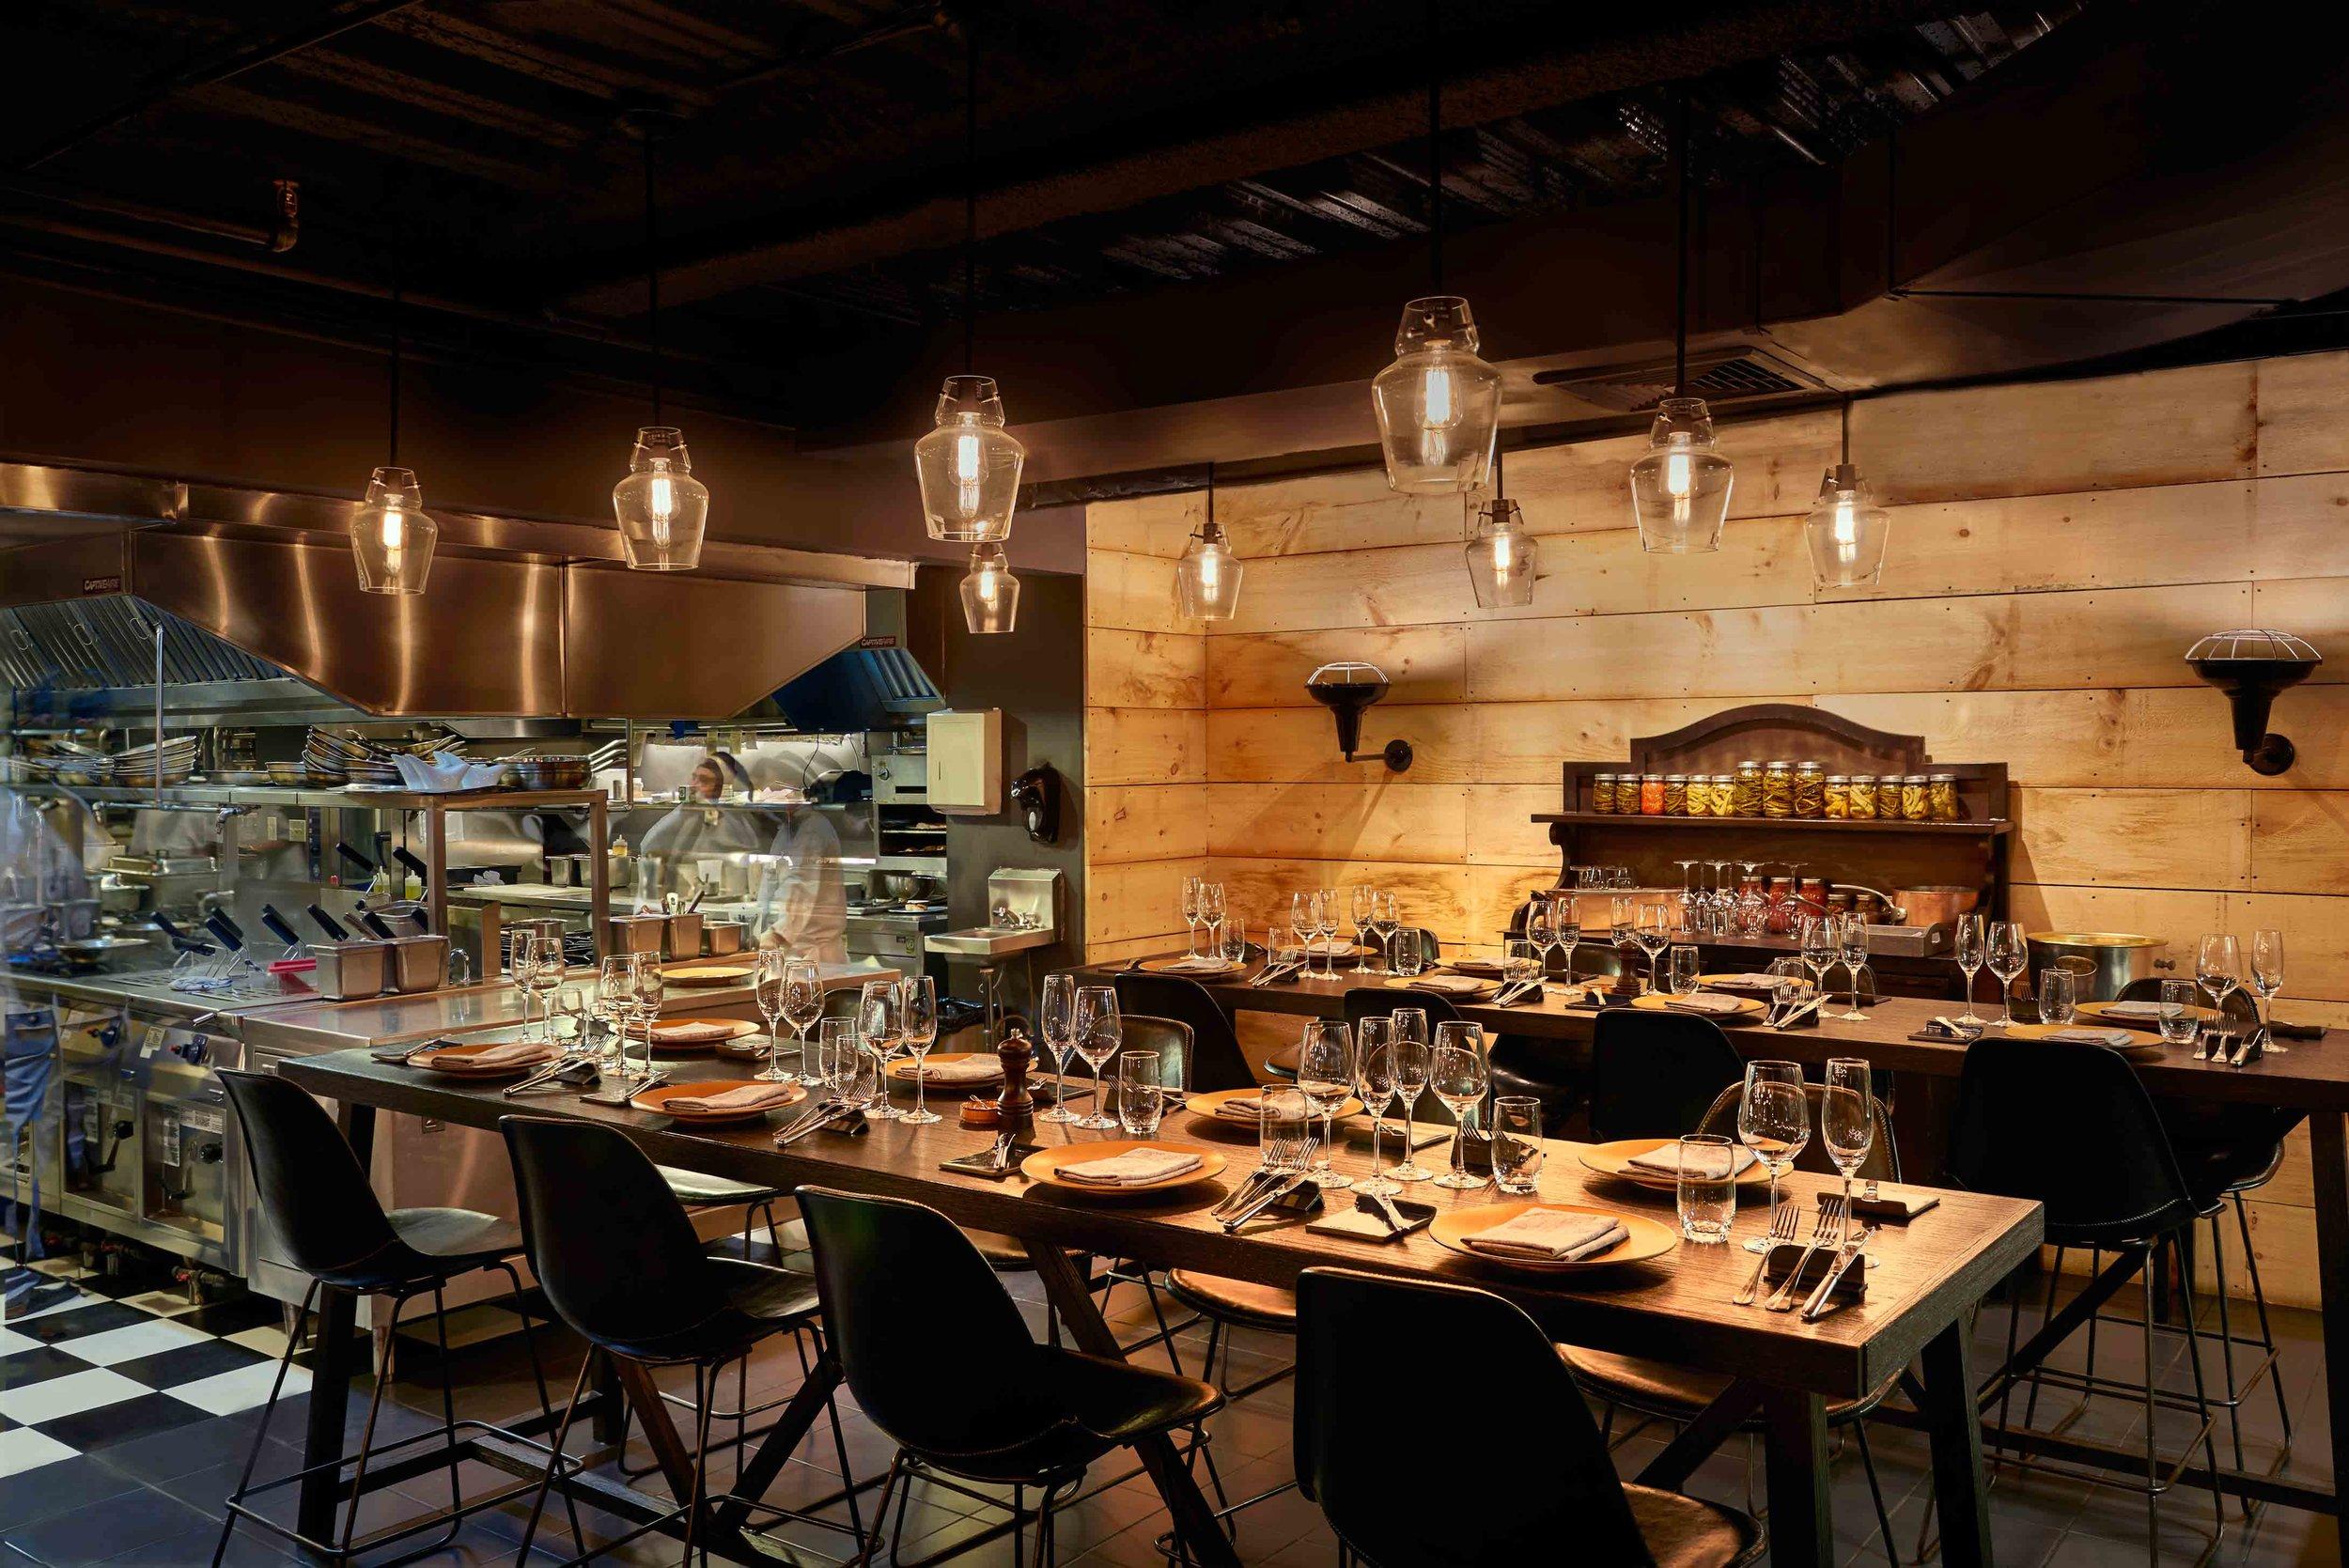 Blackbarn-Restaurant-Chefs-Table.jpg